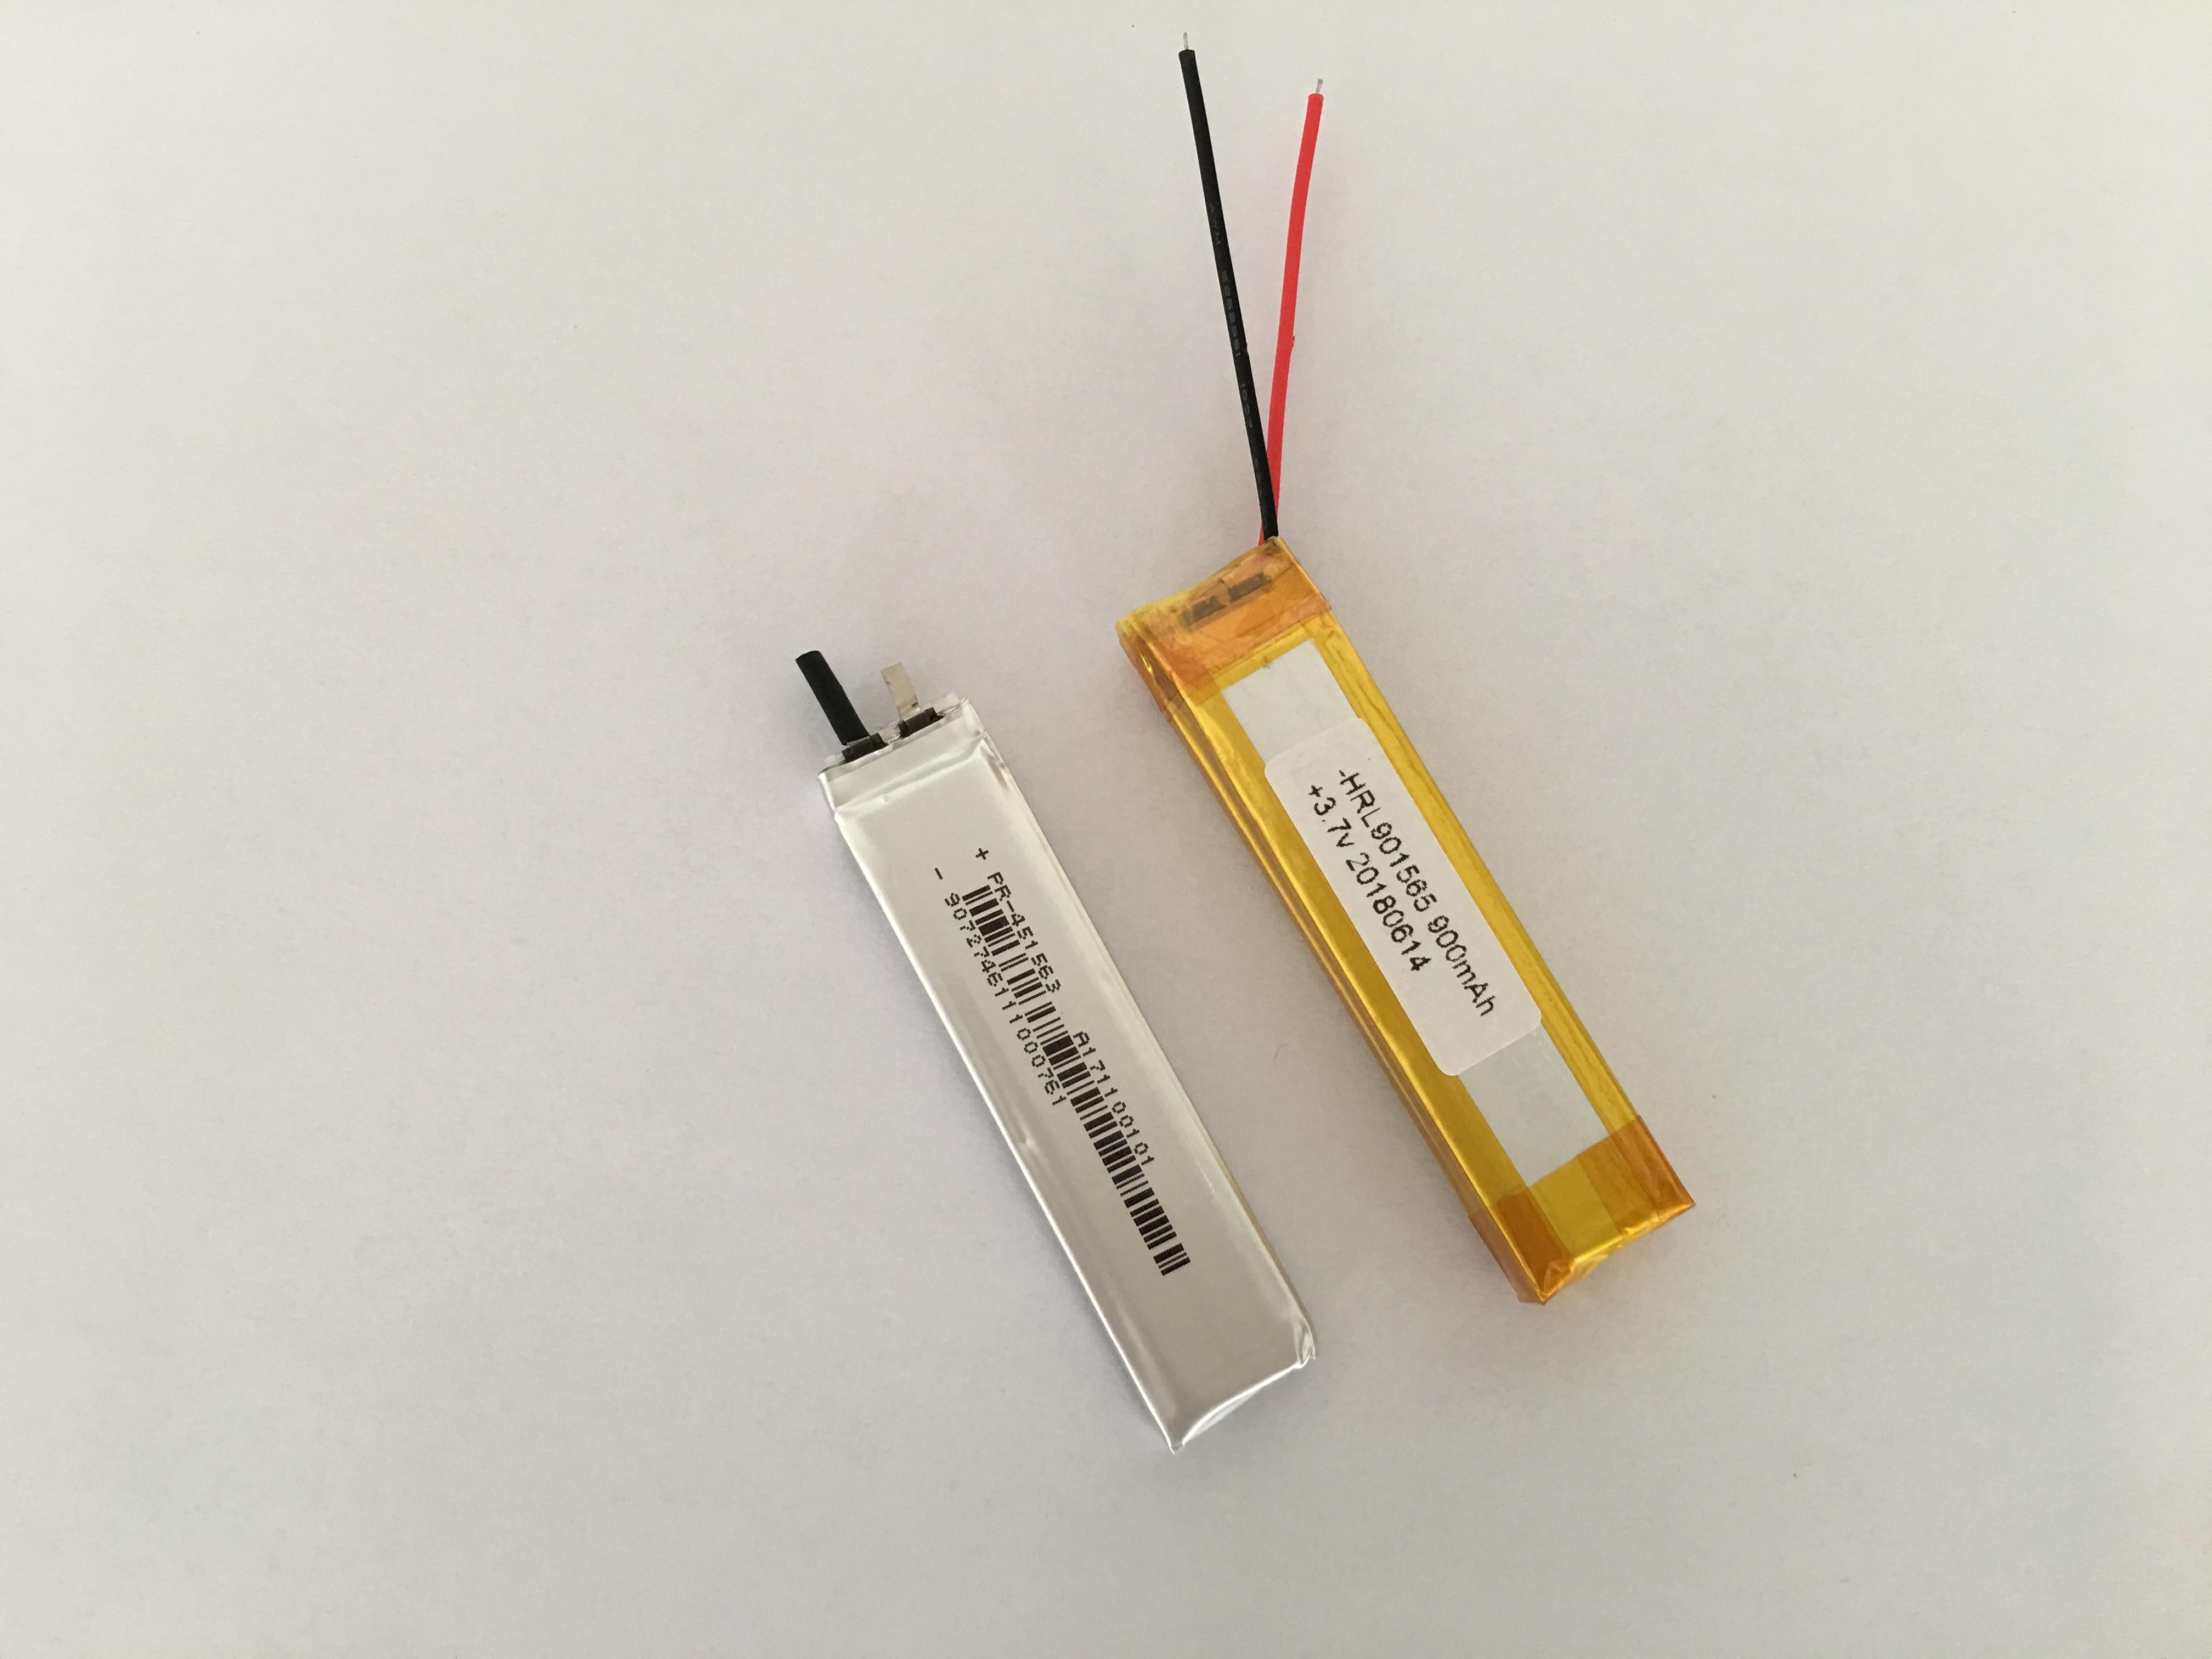 901565-900mah锂电池